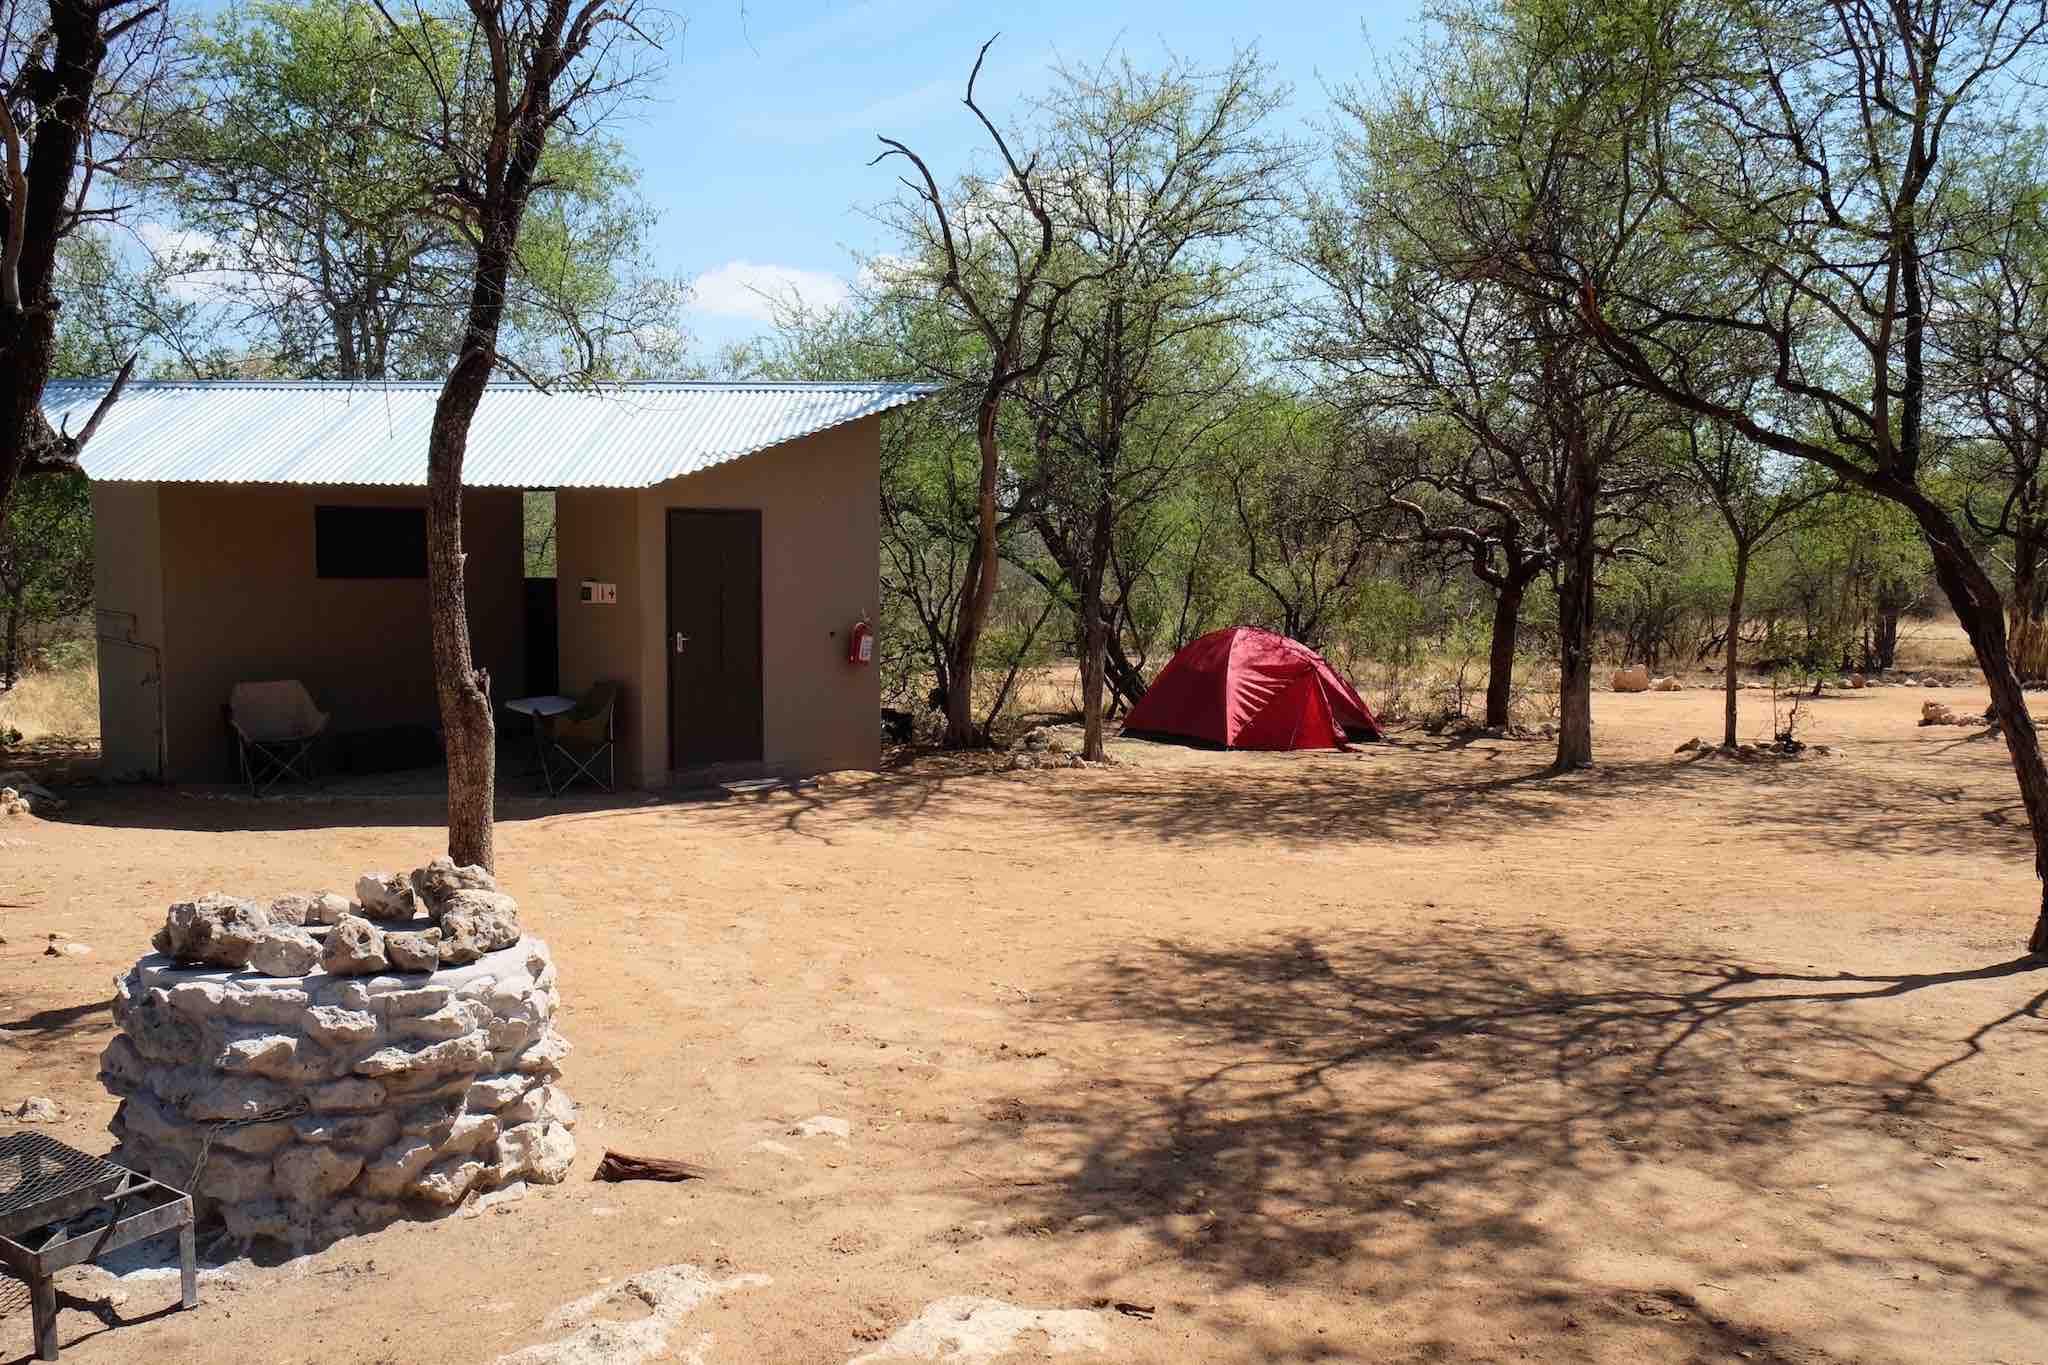 Etosha National Park Camping